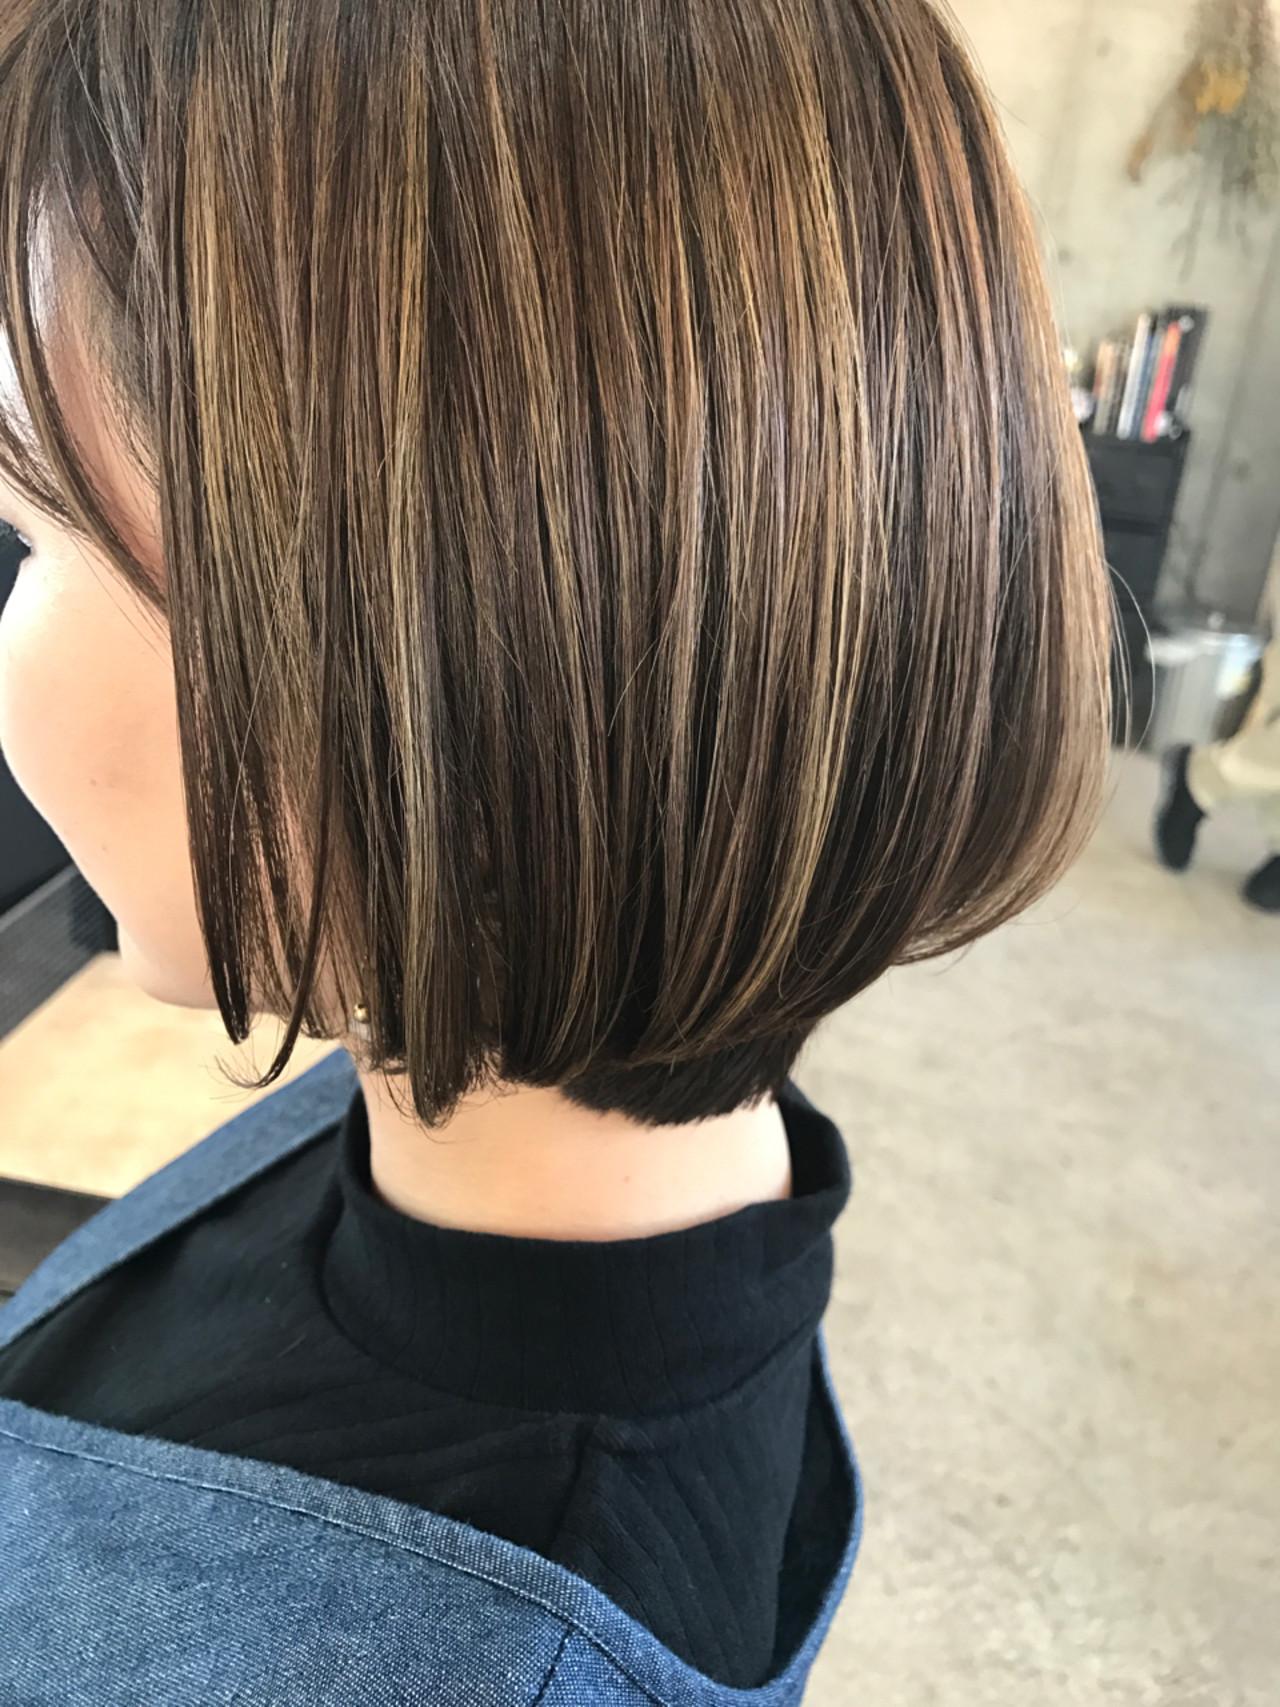 ボブ ローライト イルミナカラー ハイライト ヘアスタイルや髪型の写真・画像